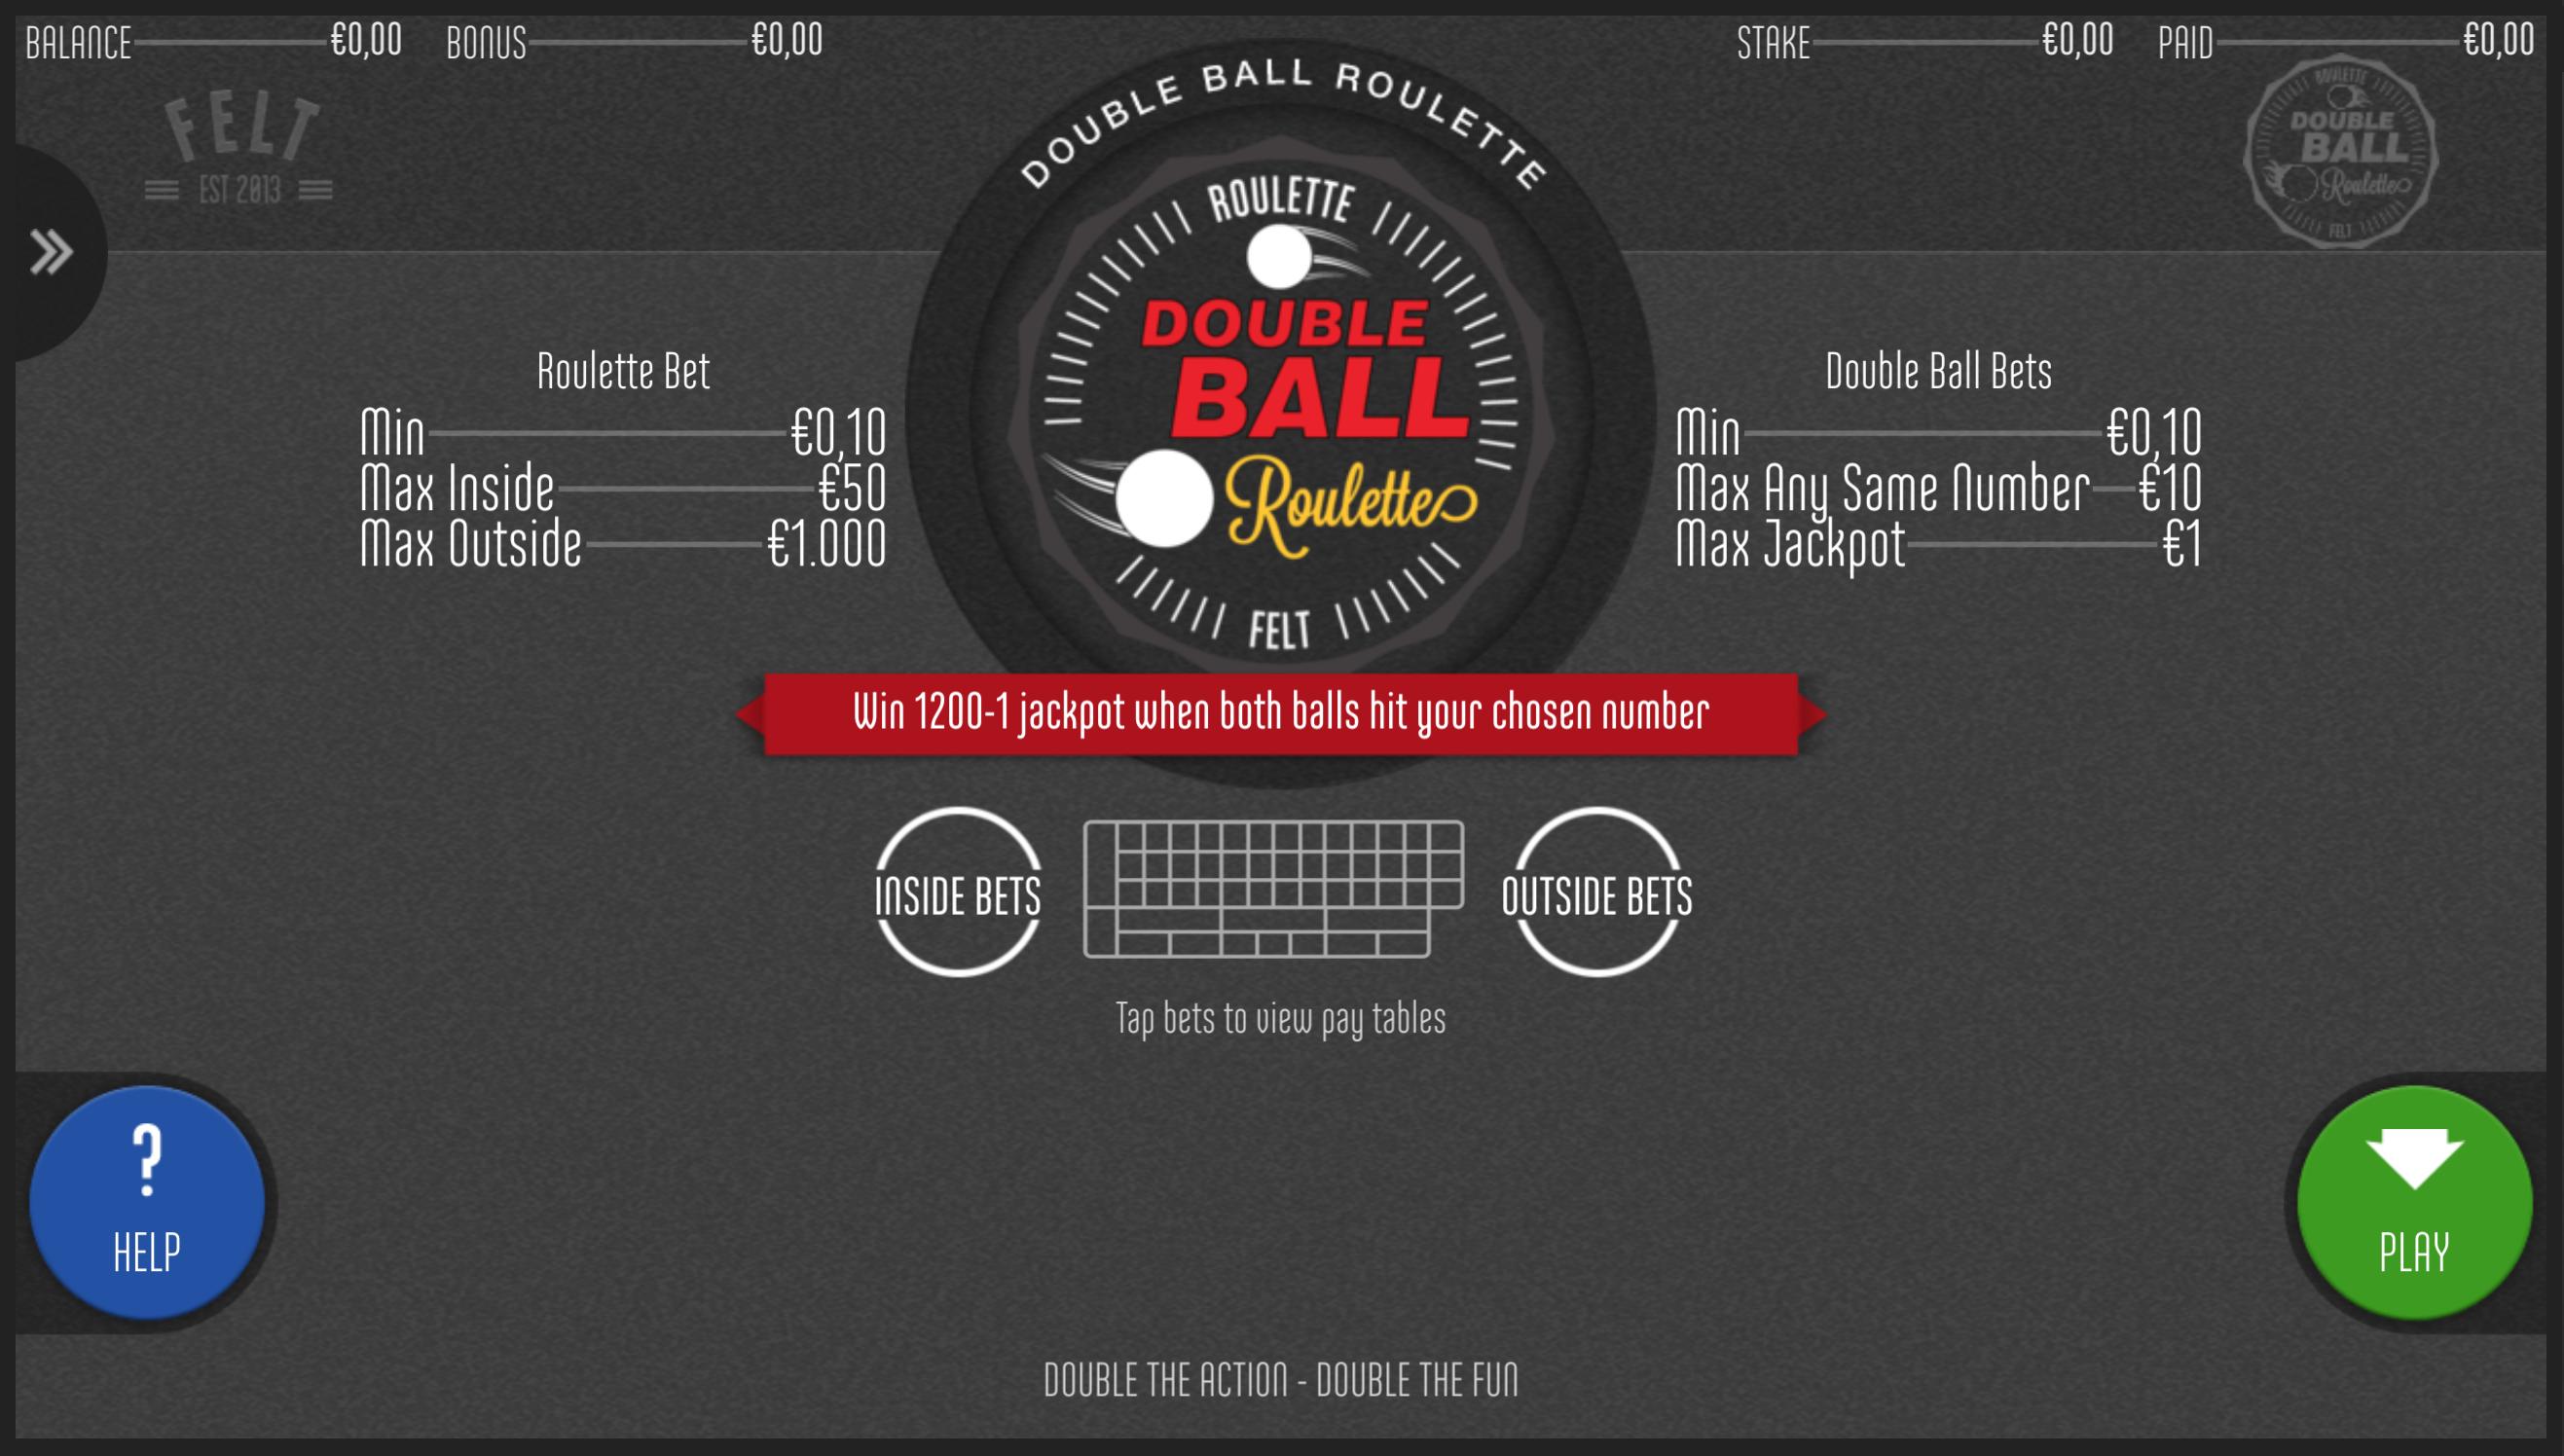 Dviejų kamuoliukų ruletės taisyklės